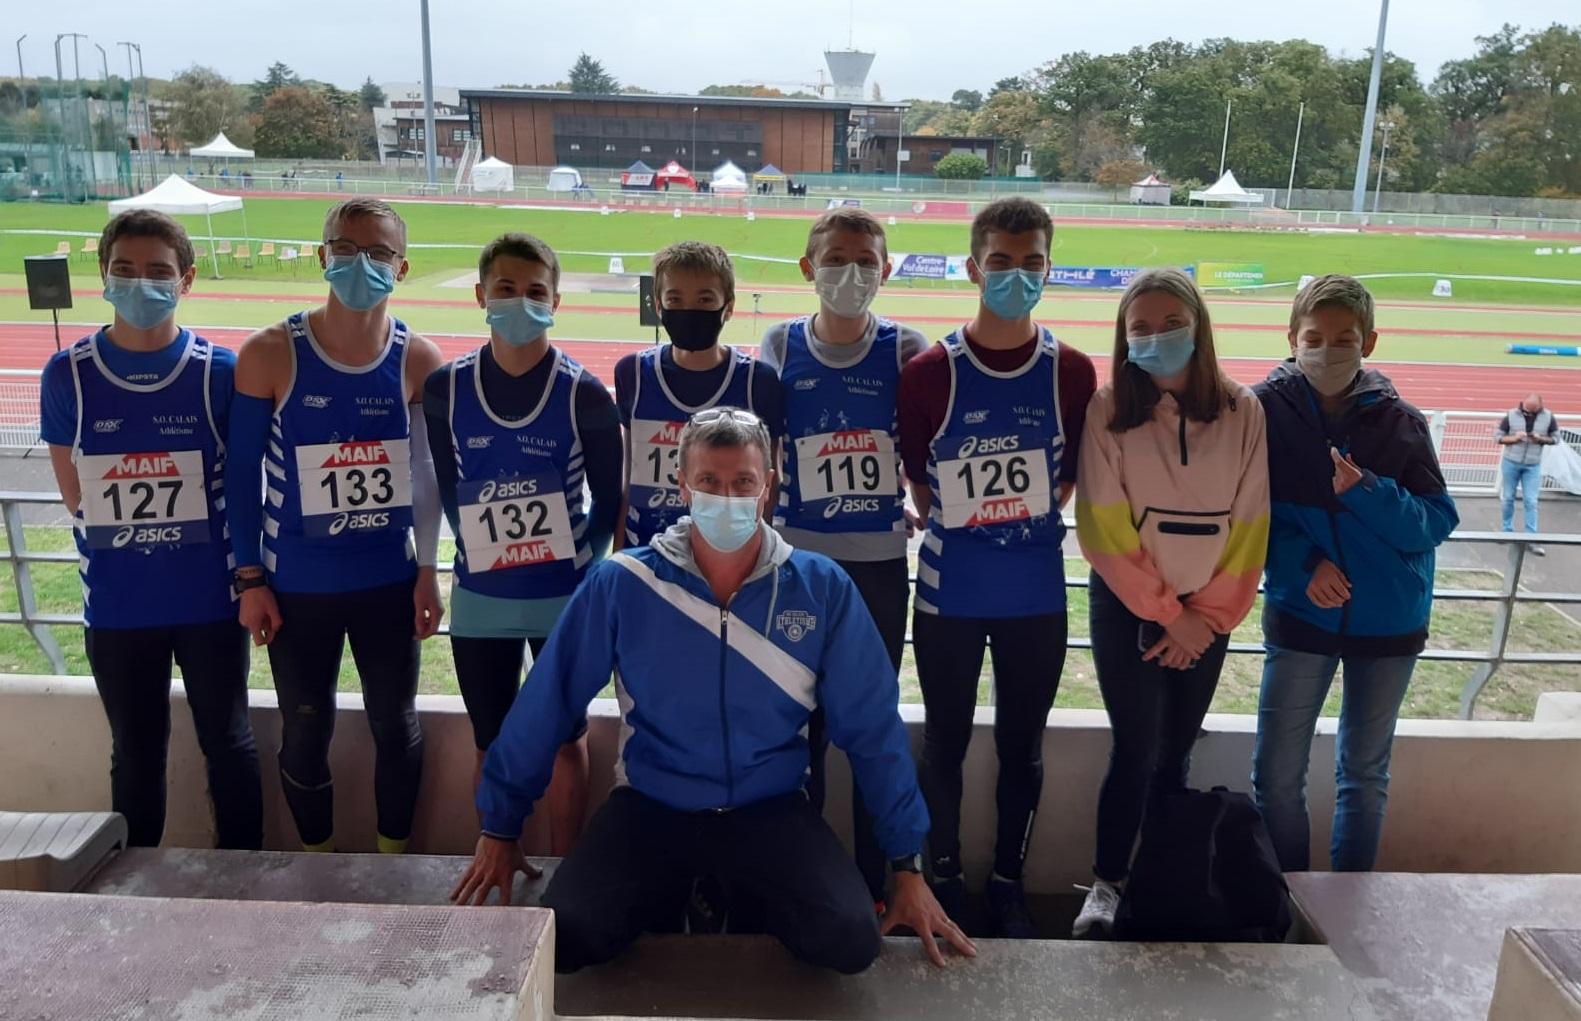 Le SO Calais Athlétisme 4e du challenge des jeunes 2020